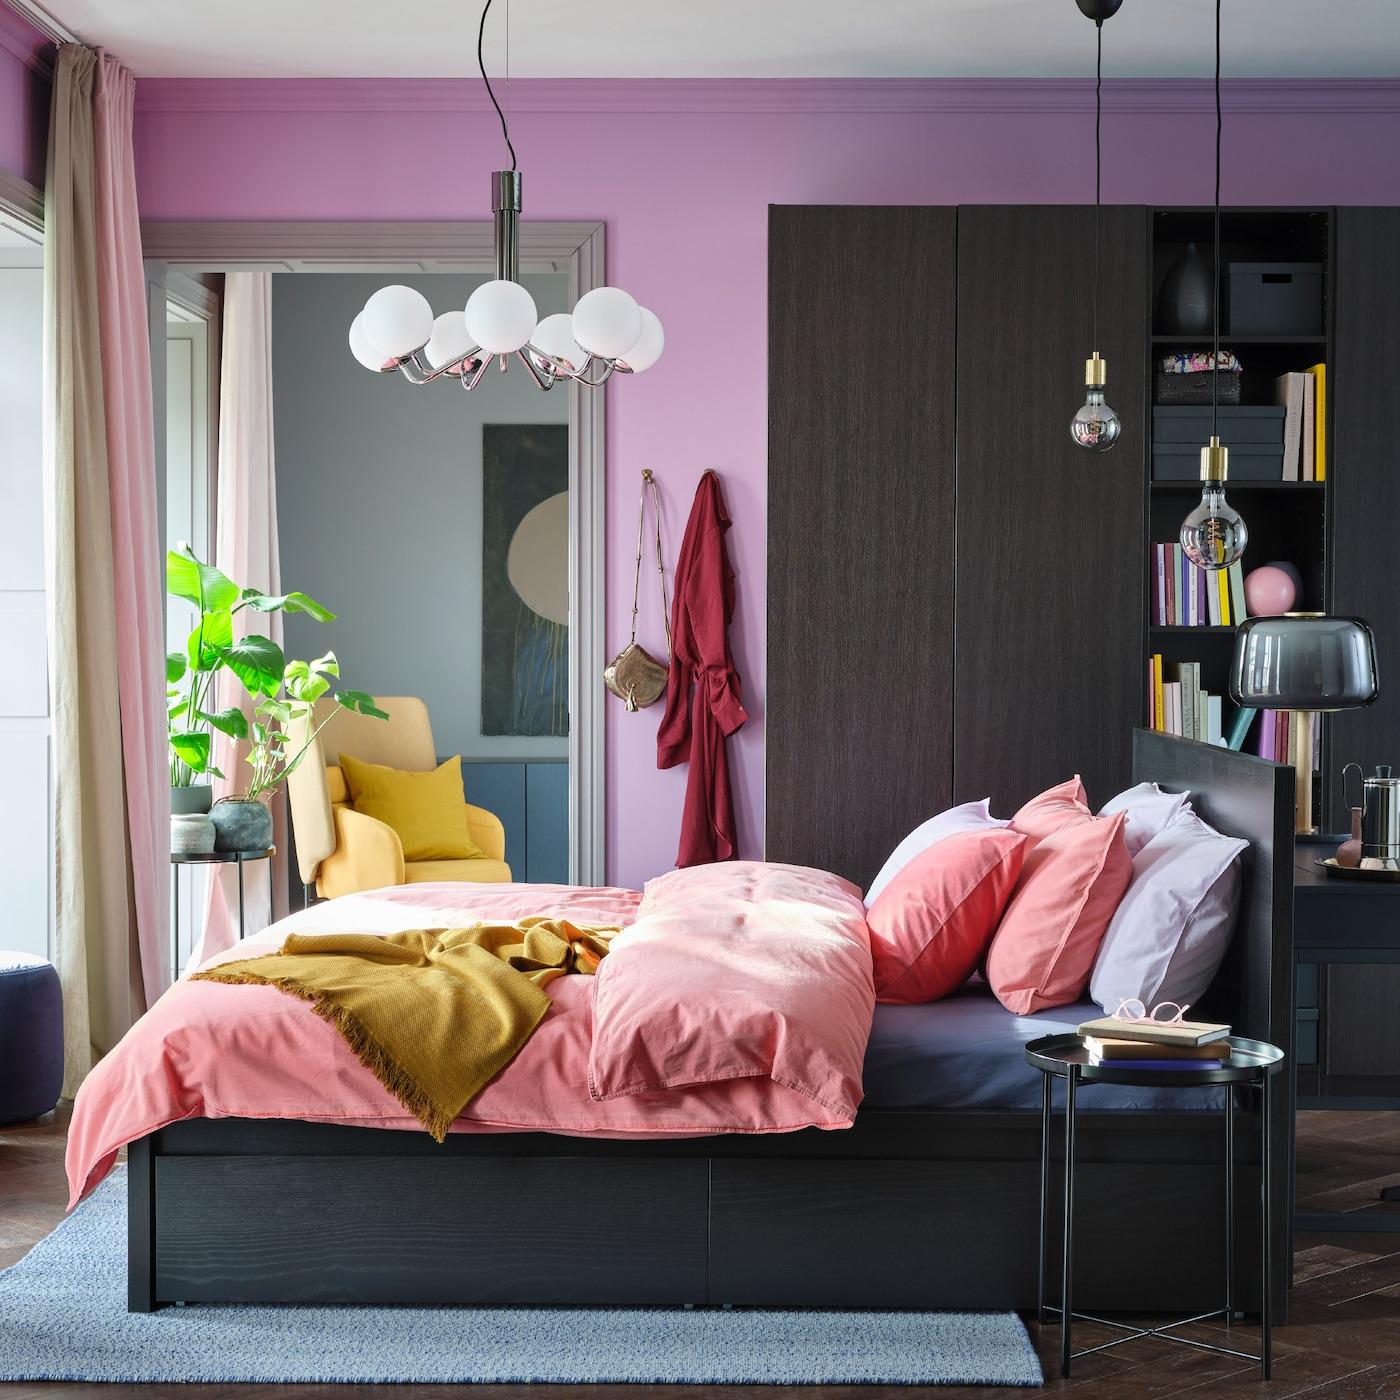 Um quarto colorido com paredes em lilás, roupa de cama em castanho claro-vermelho, uma manta em amarelo e um roupeiro e estrutura de cama em preto-castanho.